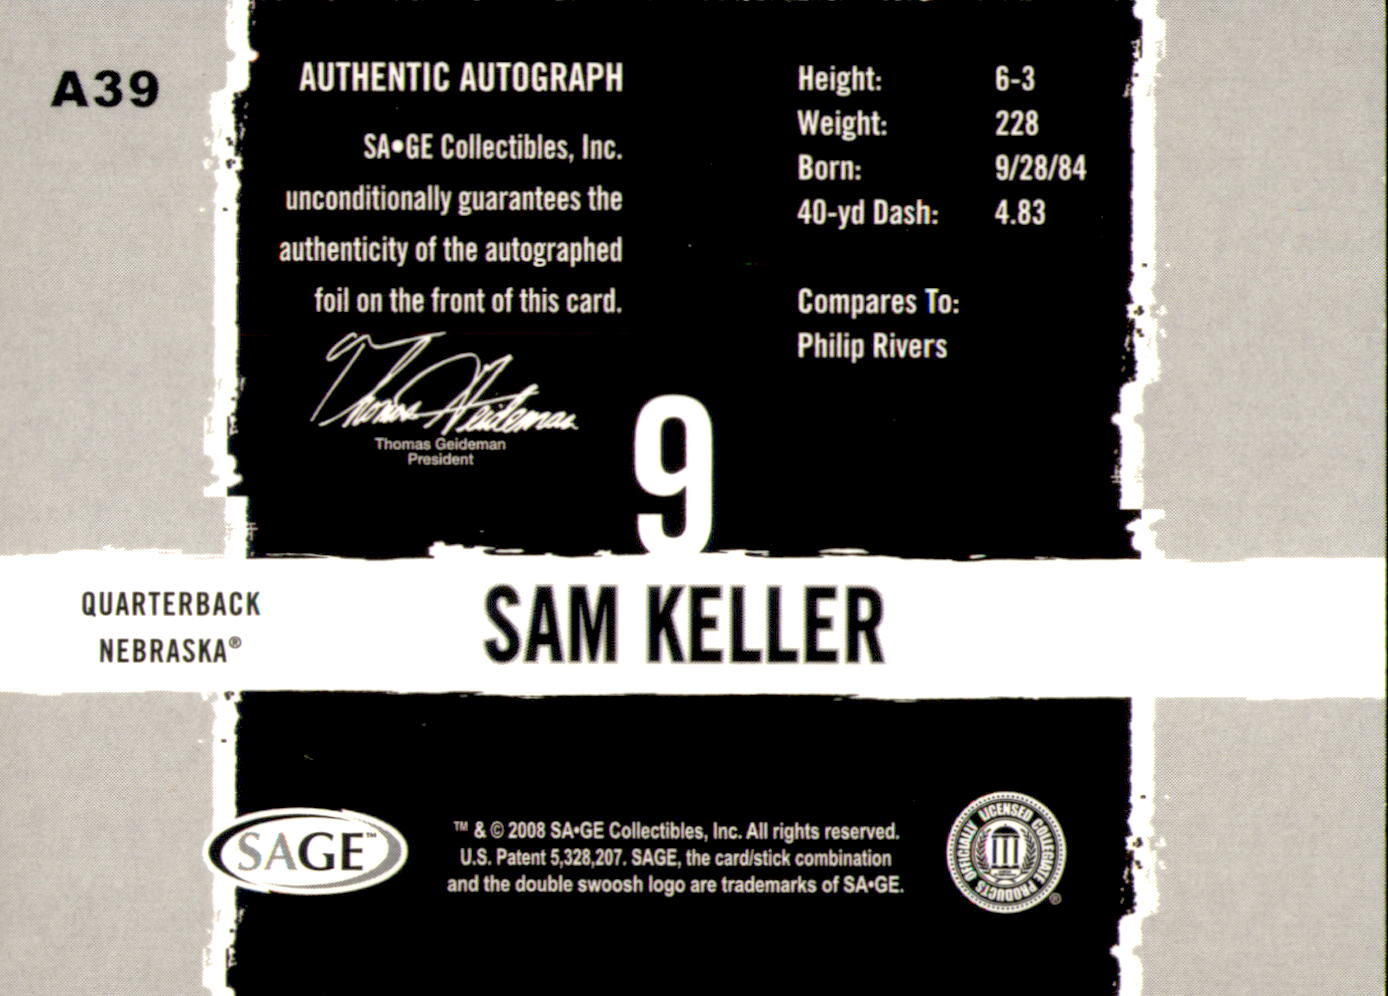 2008 SAGE HIT Autographs Gold #A39 Sam Keller back image